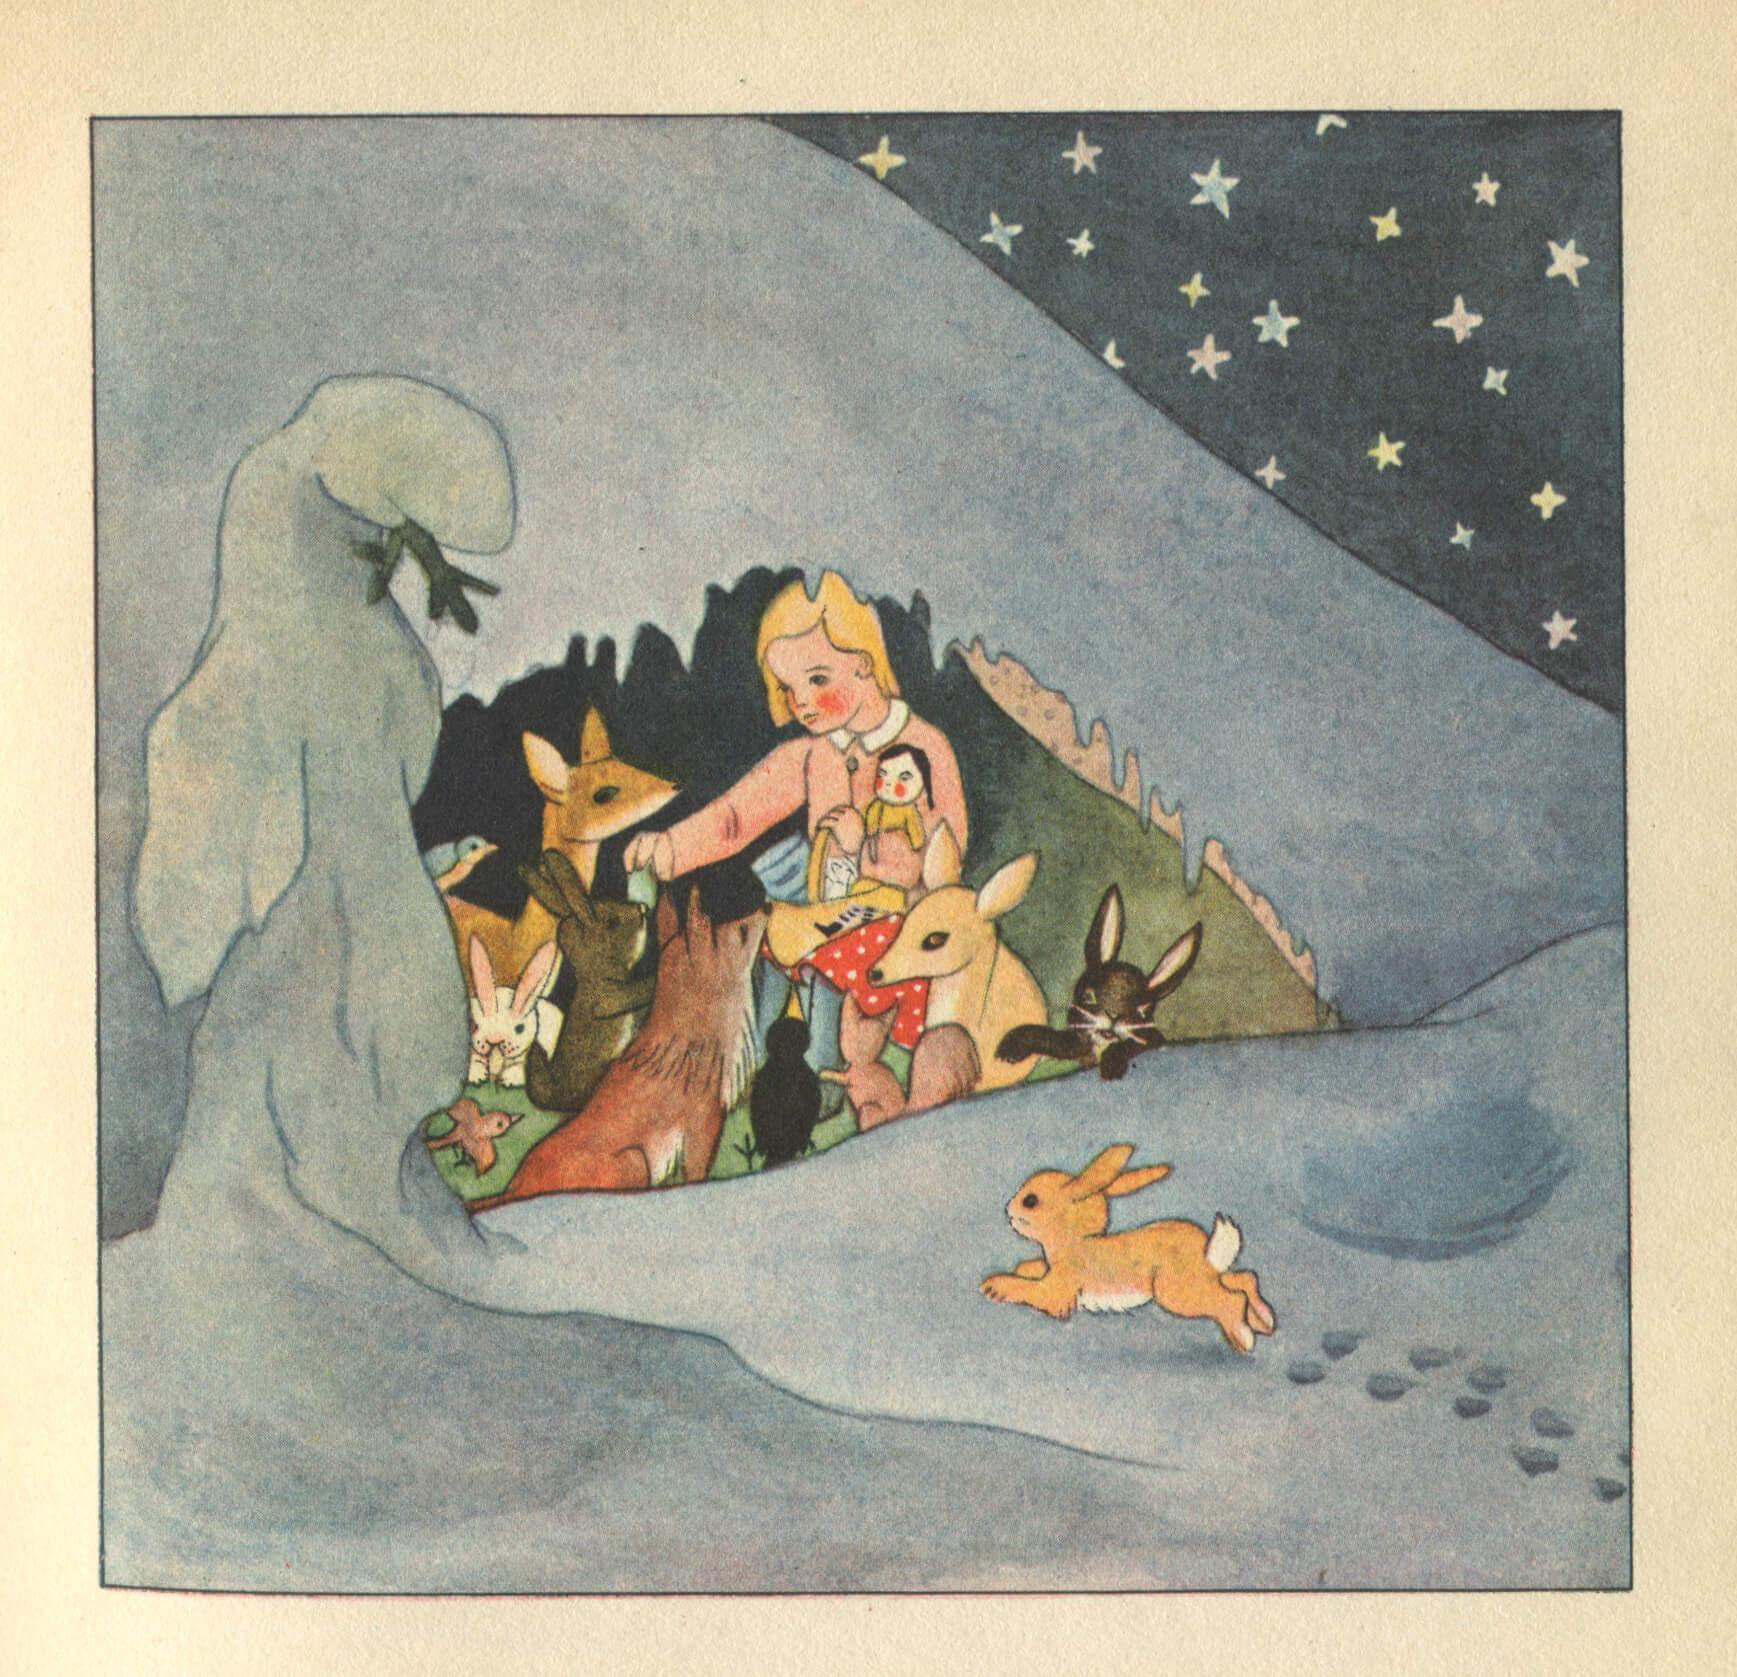 Evchen Im Winterwald, Elisabeth e Marigard Bantzer, 1932